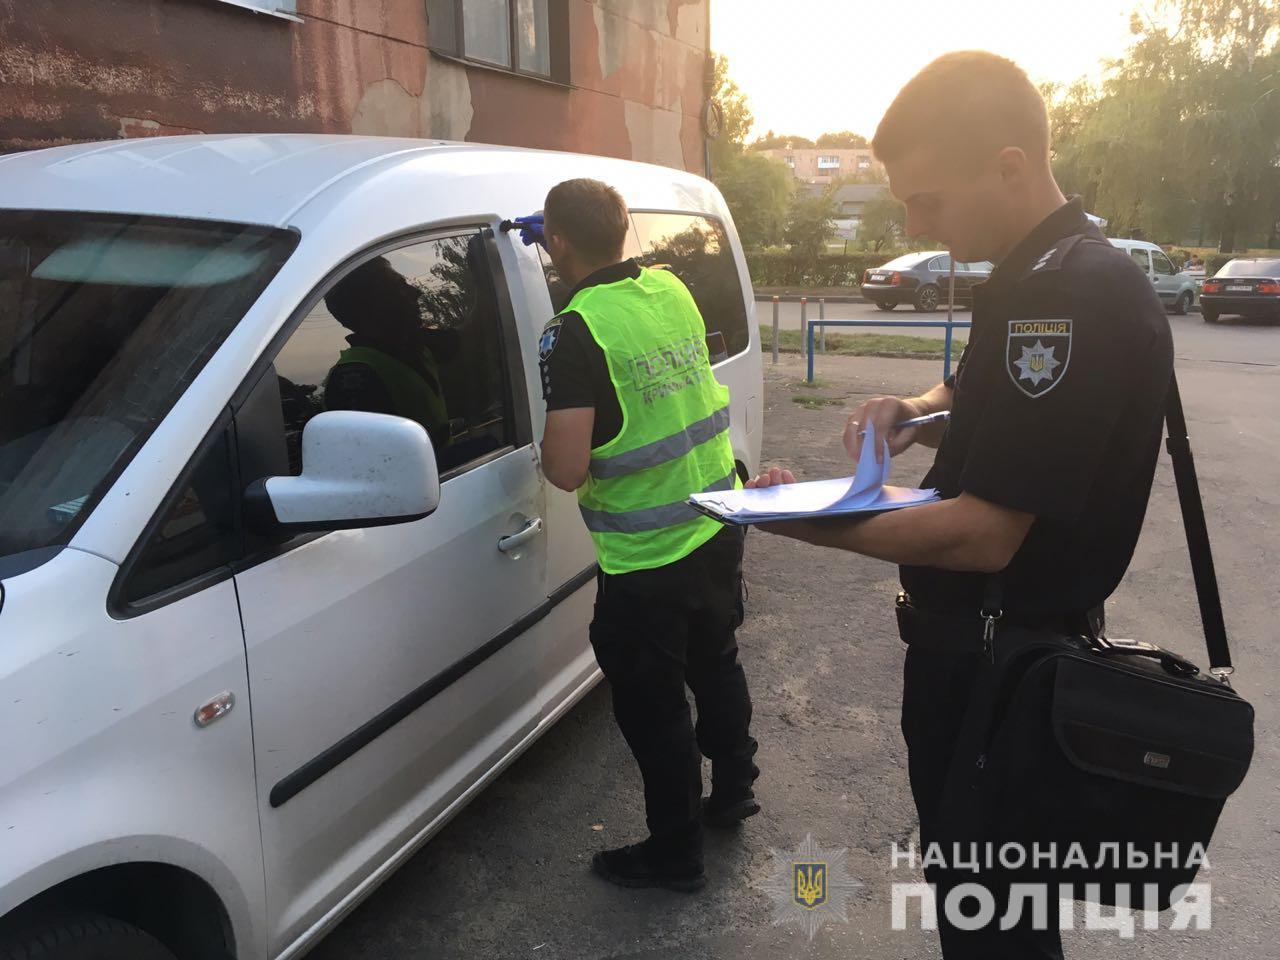 Ограбление в Ровно: у мужчины забрали $70 тыс - фото